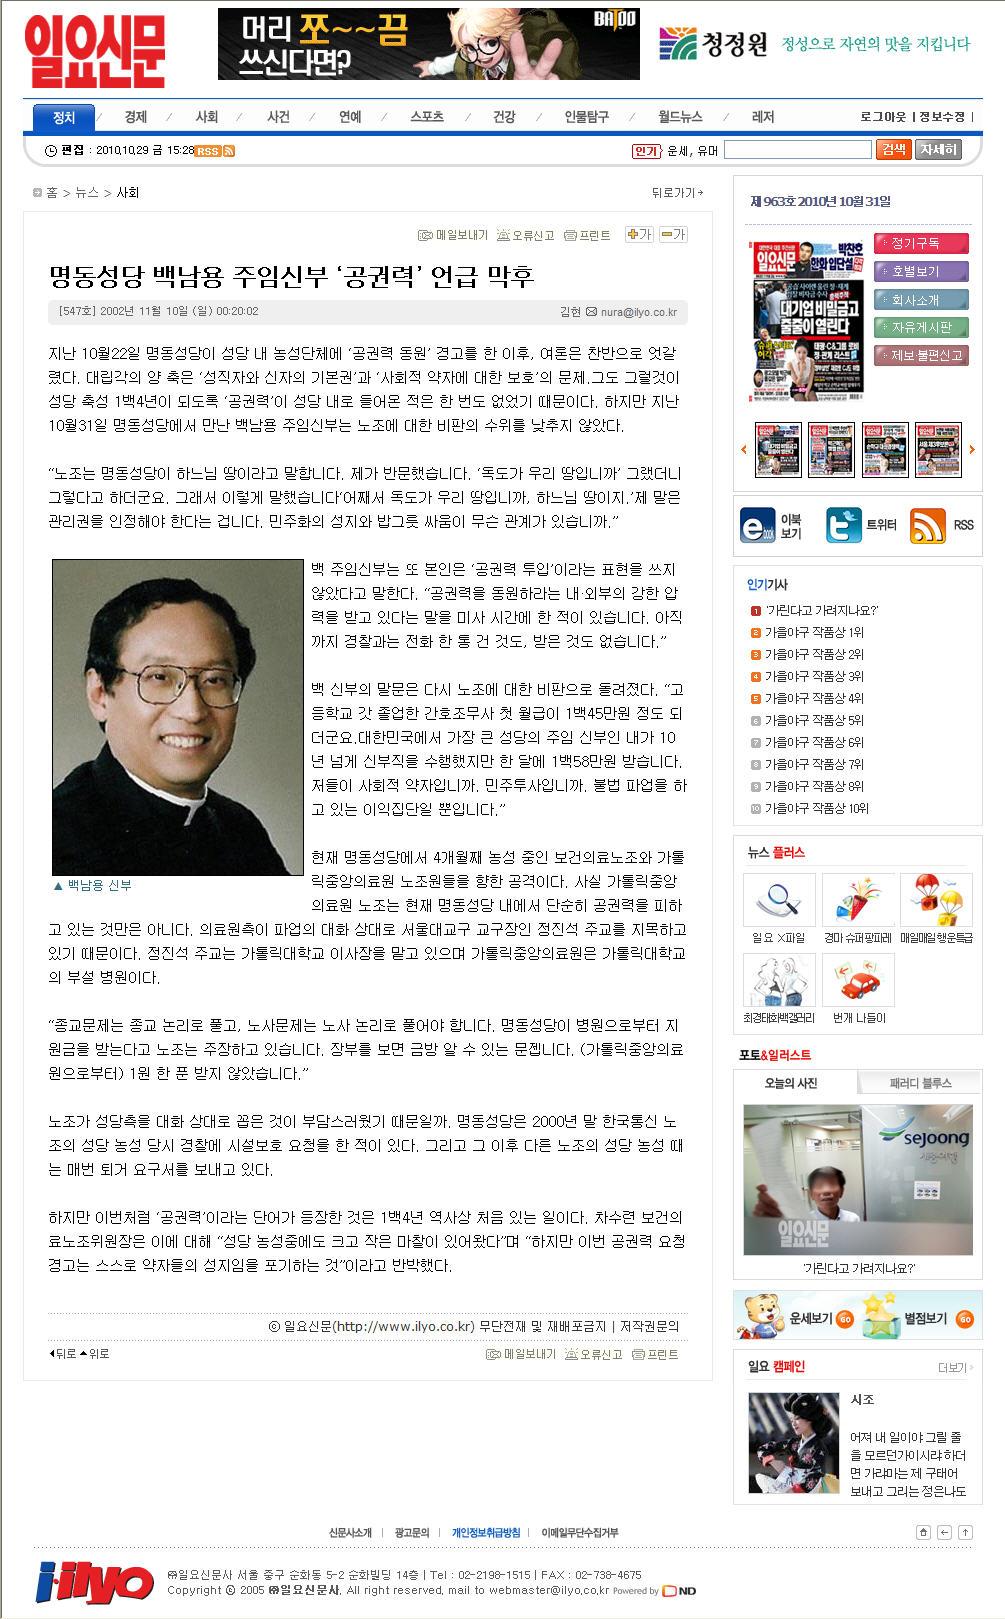 이슈 - 명동성당 '공권력' 언급 배경(2002. 11)